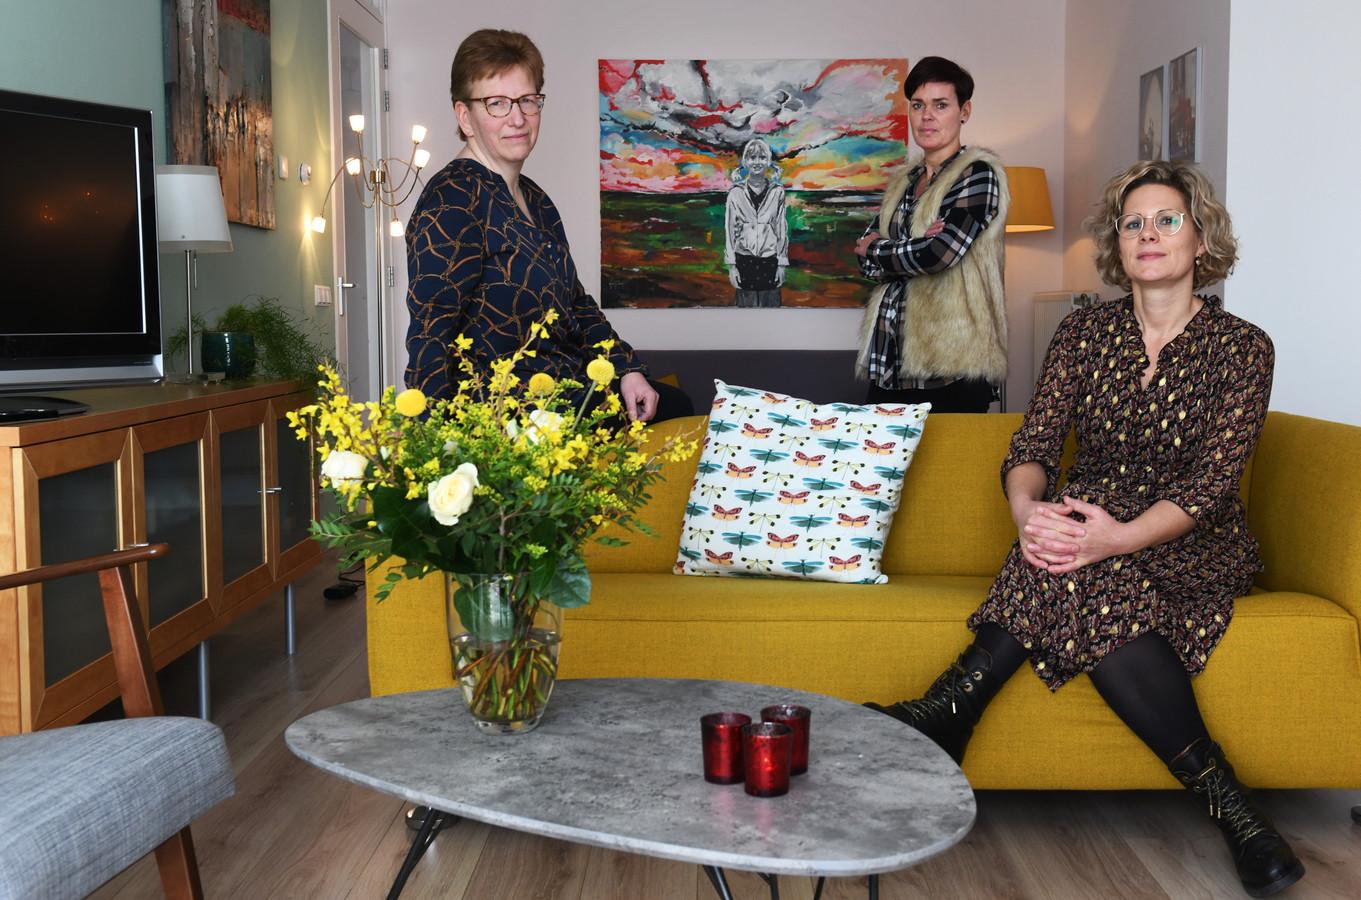 De vrijwilligers Astrid Lucassen, Erika van Maurik en Martine Sturm van hospice Nocturne in Culemborg.